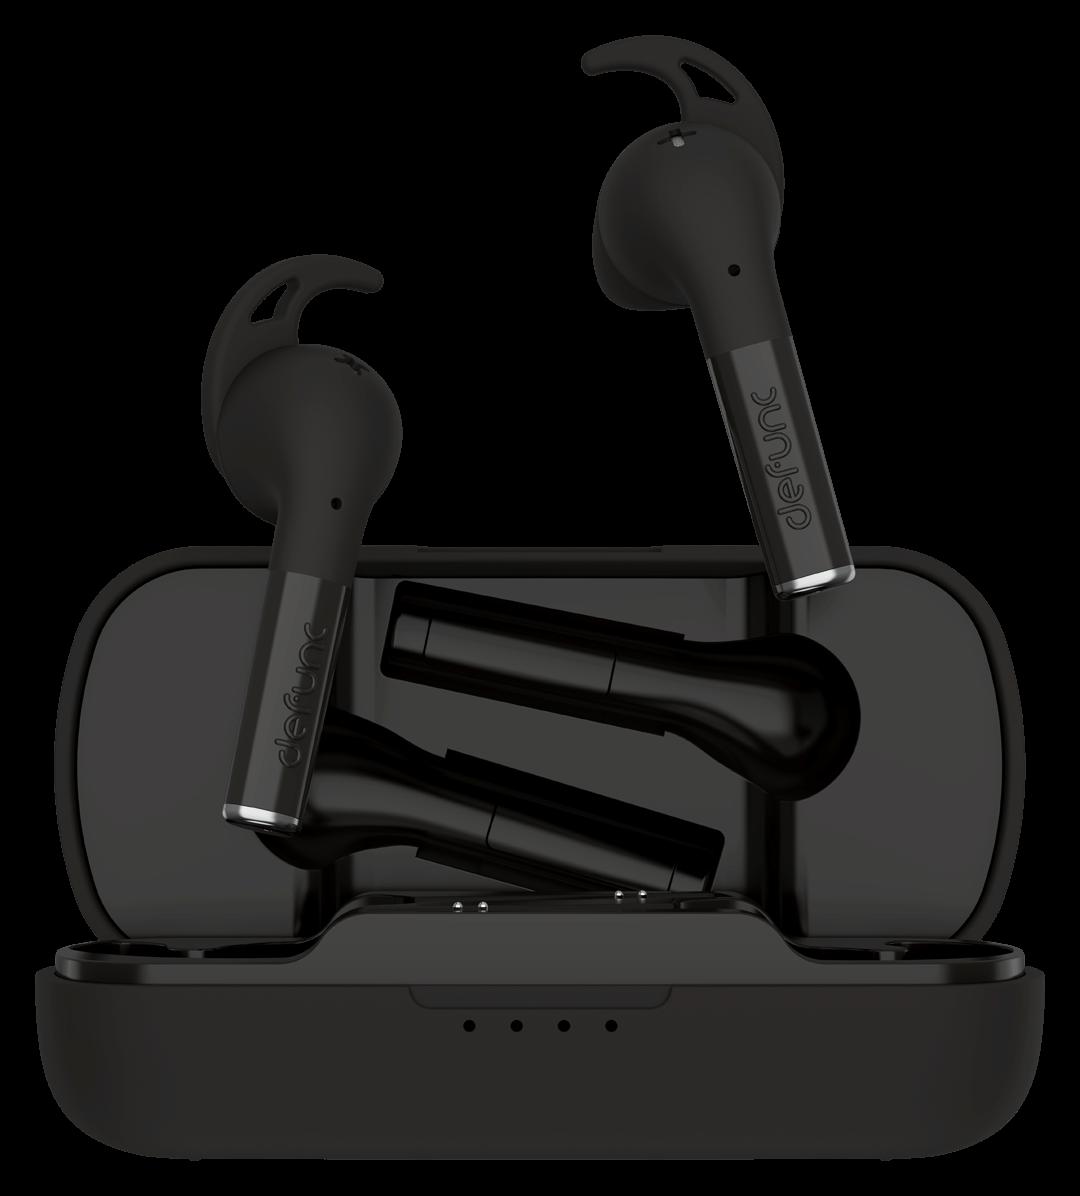 słuchawki bezprzewodowe defunc true plus czarne